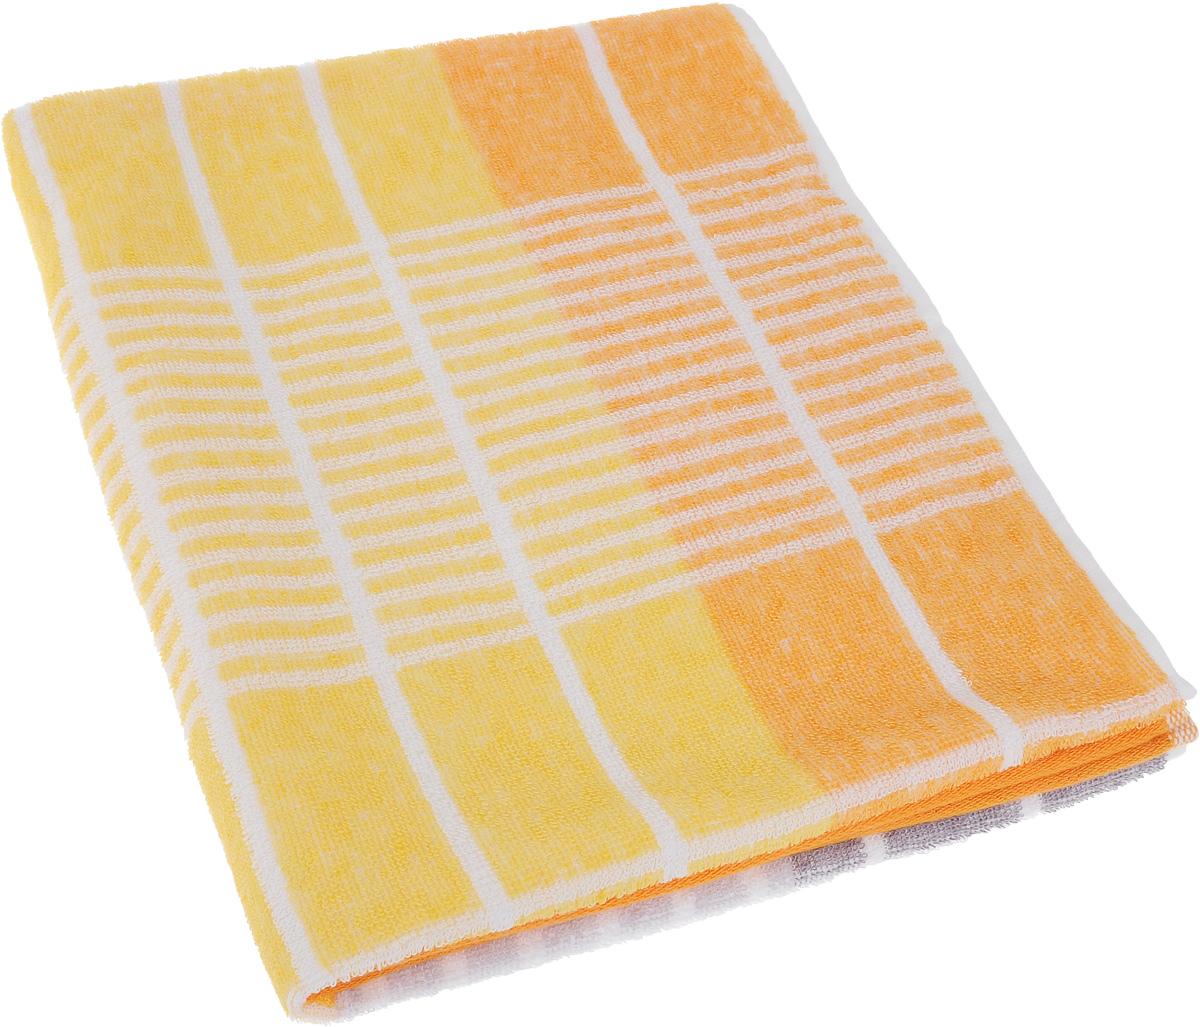 Полотенце Soavita Твист, цвет: оранжевый, 50 х 90 см60385Полотенце Soavita Твист выполнено из 100% хлопка. Изделие отлично впитывает влагу, быстро сохнет, сохраняет яркость цвета и не теряет форму даже после многократных стирок. Полотенце очень практично и неприхотливо в уходе. Оно создаст прекрасное настроение и украсит интерьер.